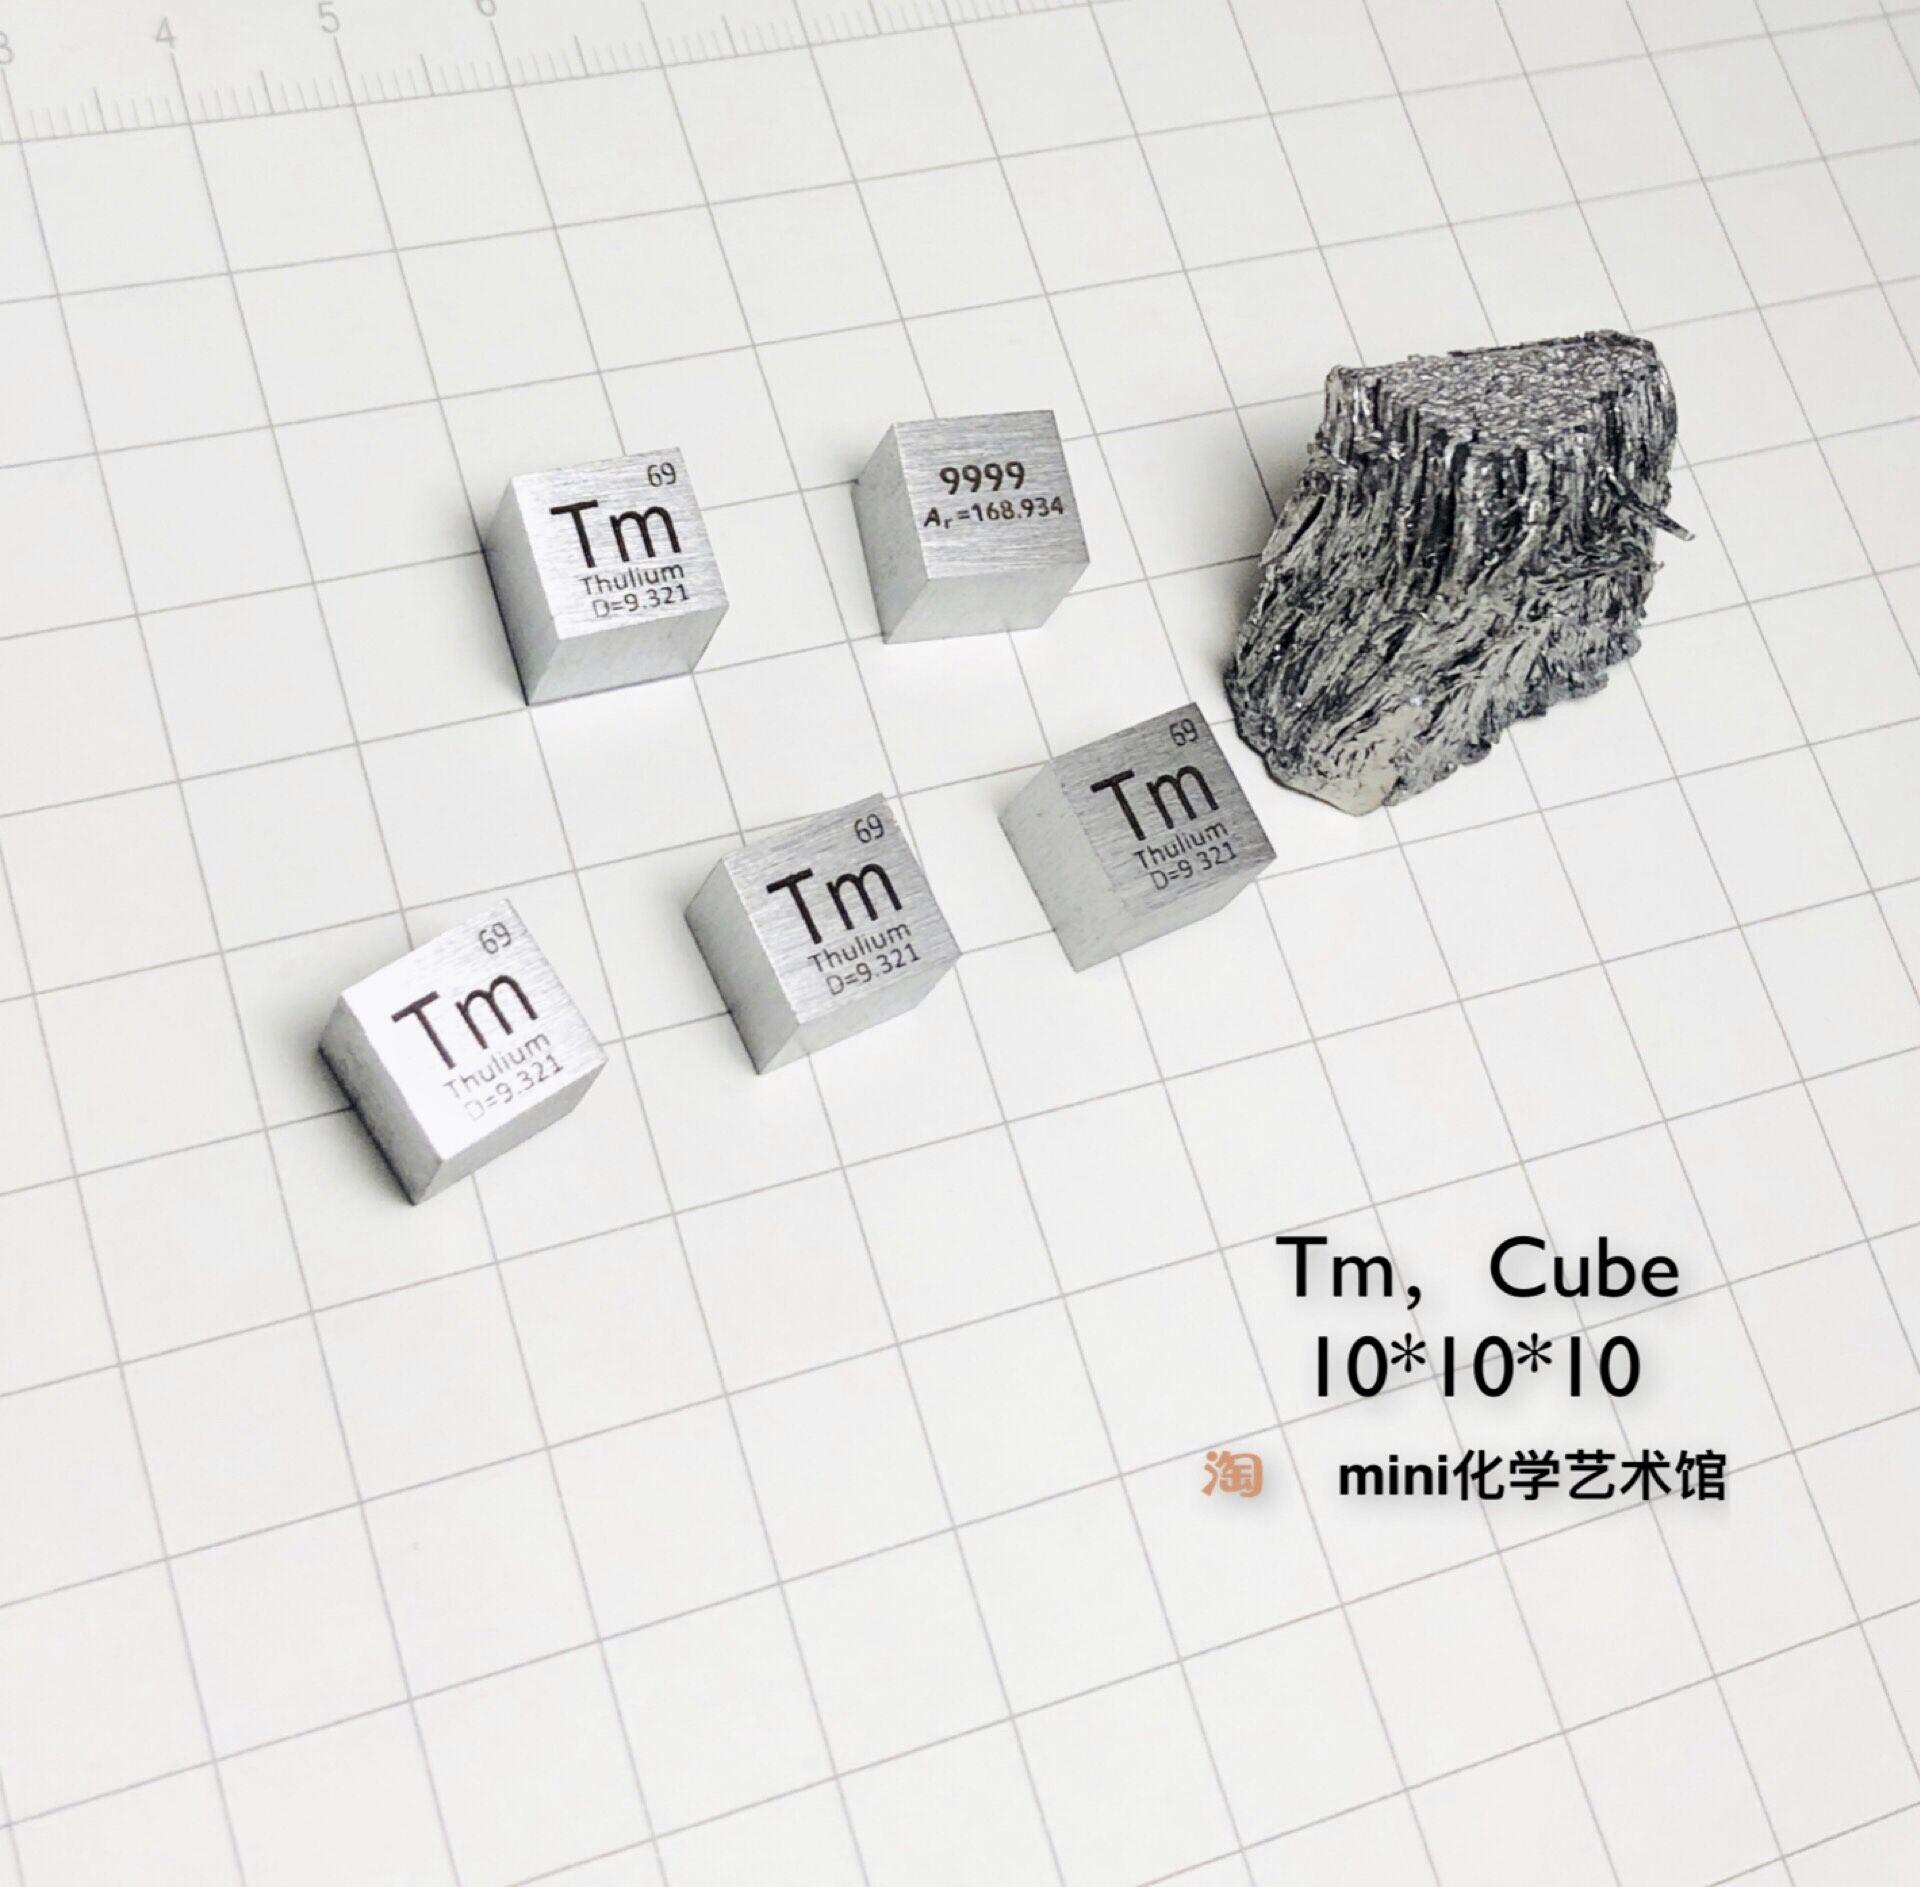 Cube de Thulium cubique phénotypique périodique de métaux de terres rares de haute pureté Thulium Tm sans cristal